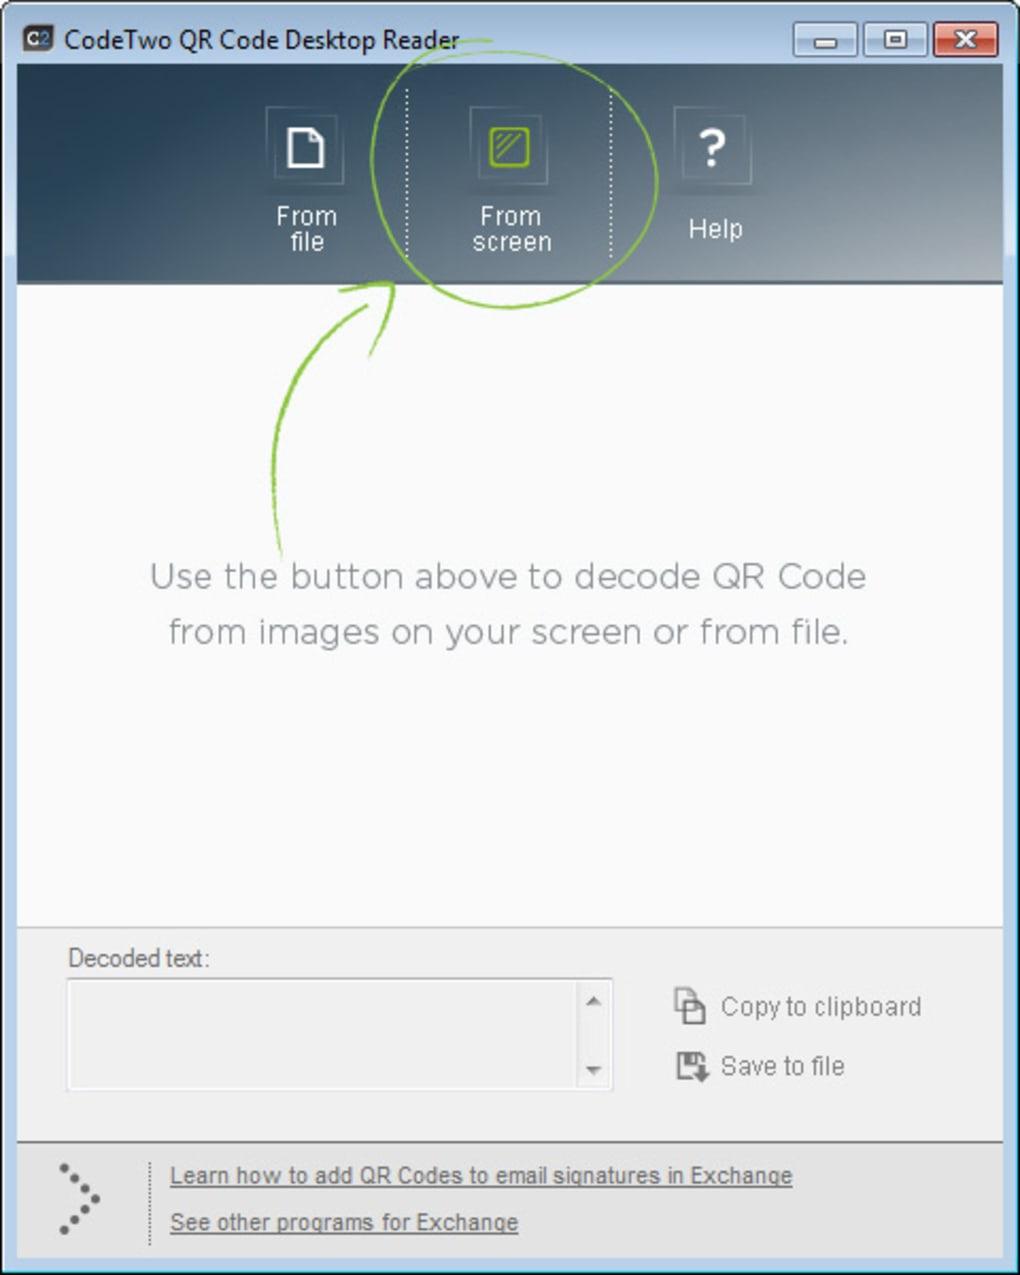 Code Two QR Code Desktop Reader - Descargar